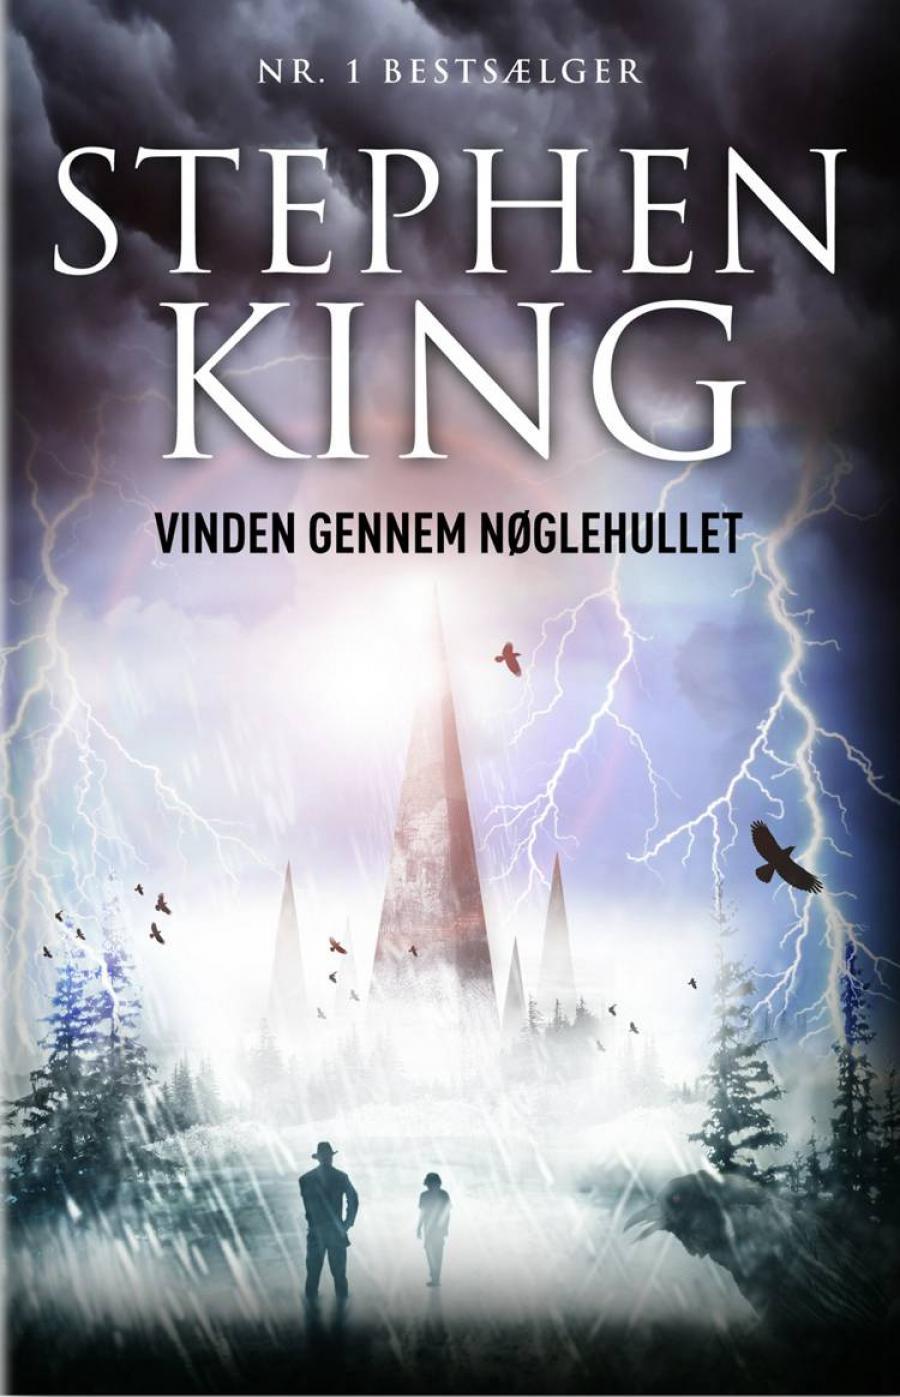 Vinden gennem nøglehullet af Stephen King   Horsens